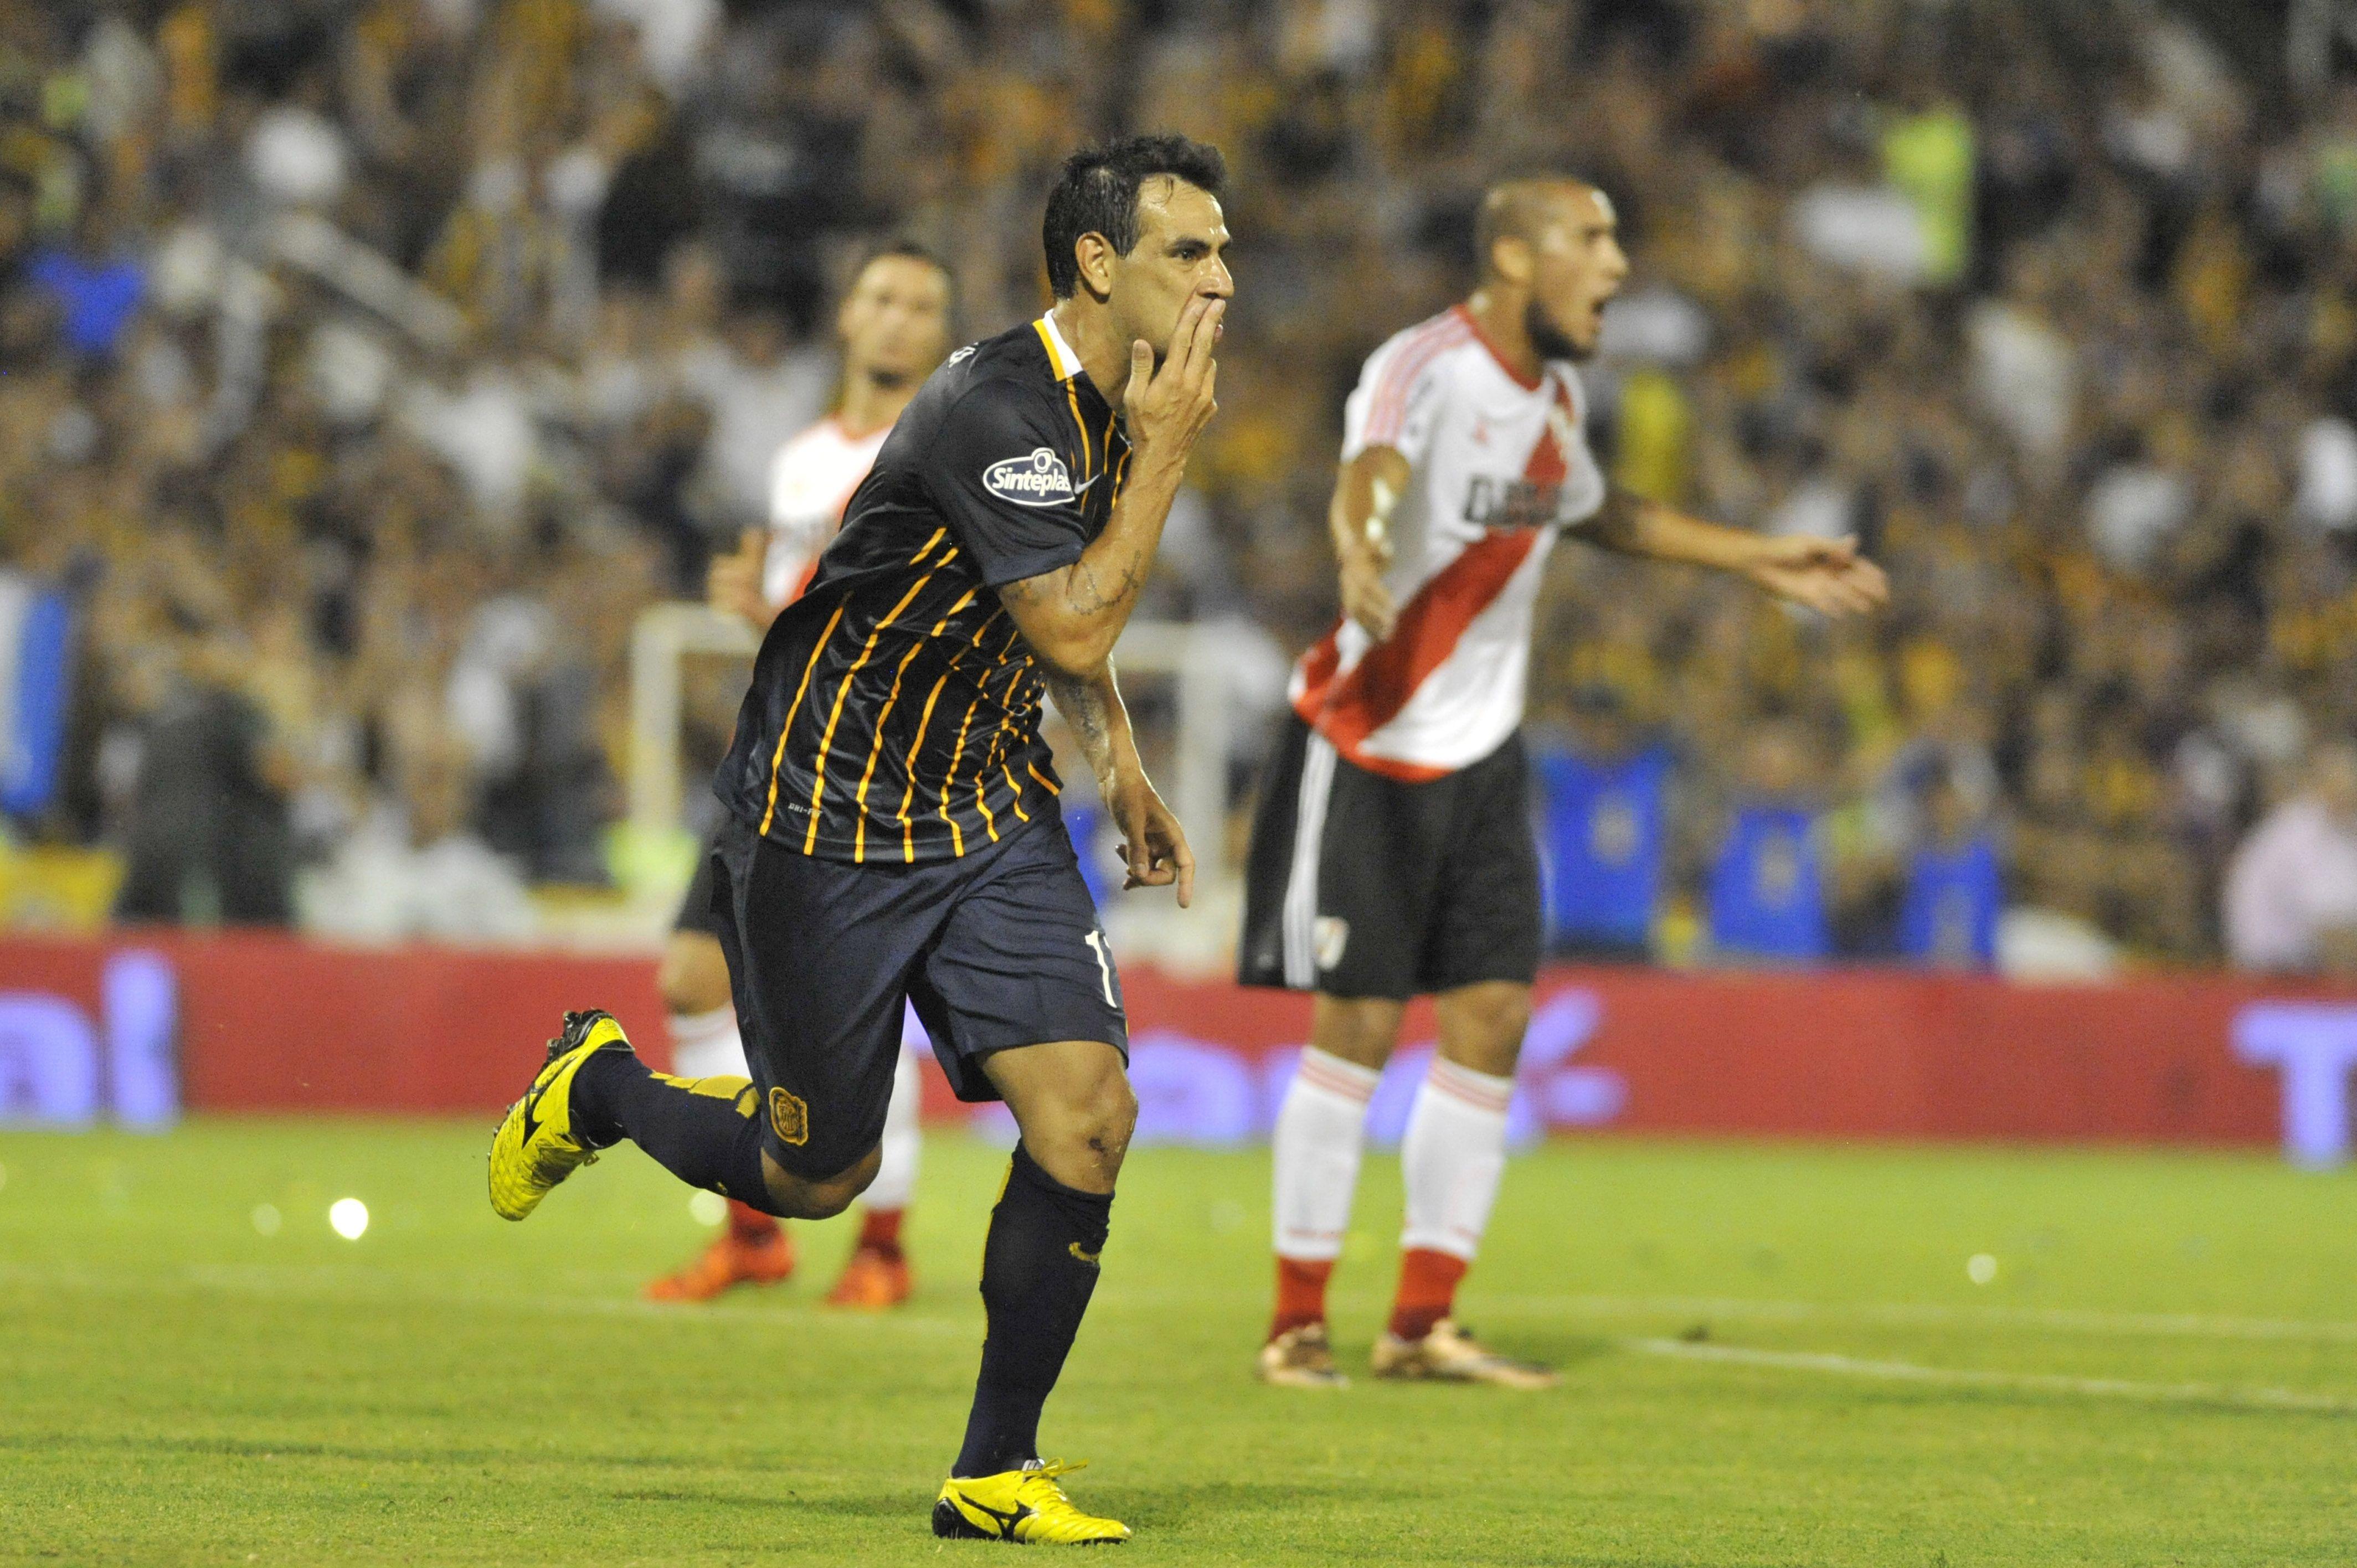 Al ataque. El Chaqueño Herrera viene de convertir ante River y  hoy sería nuevamente titular. (Gustavo de los Rios / LaCapital)